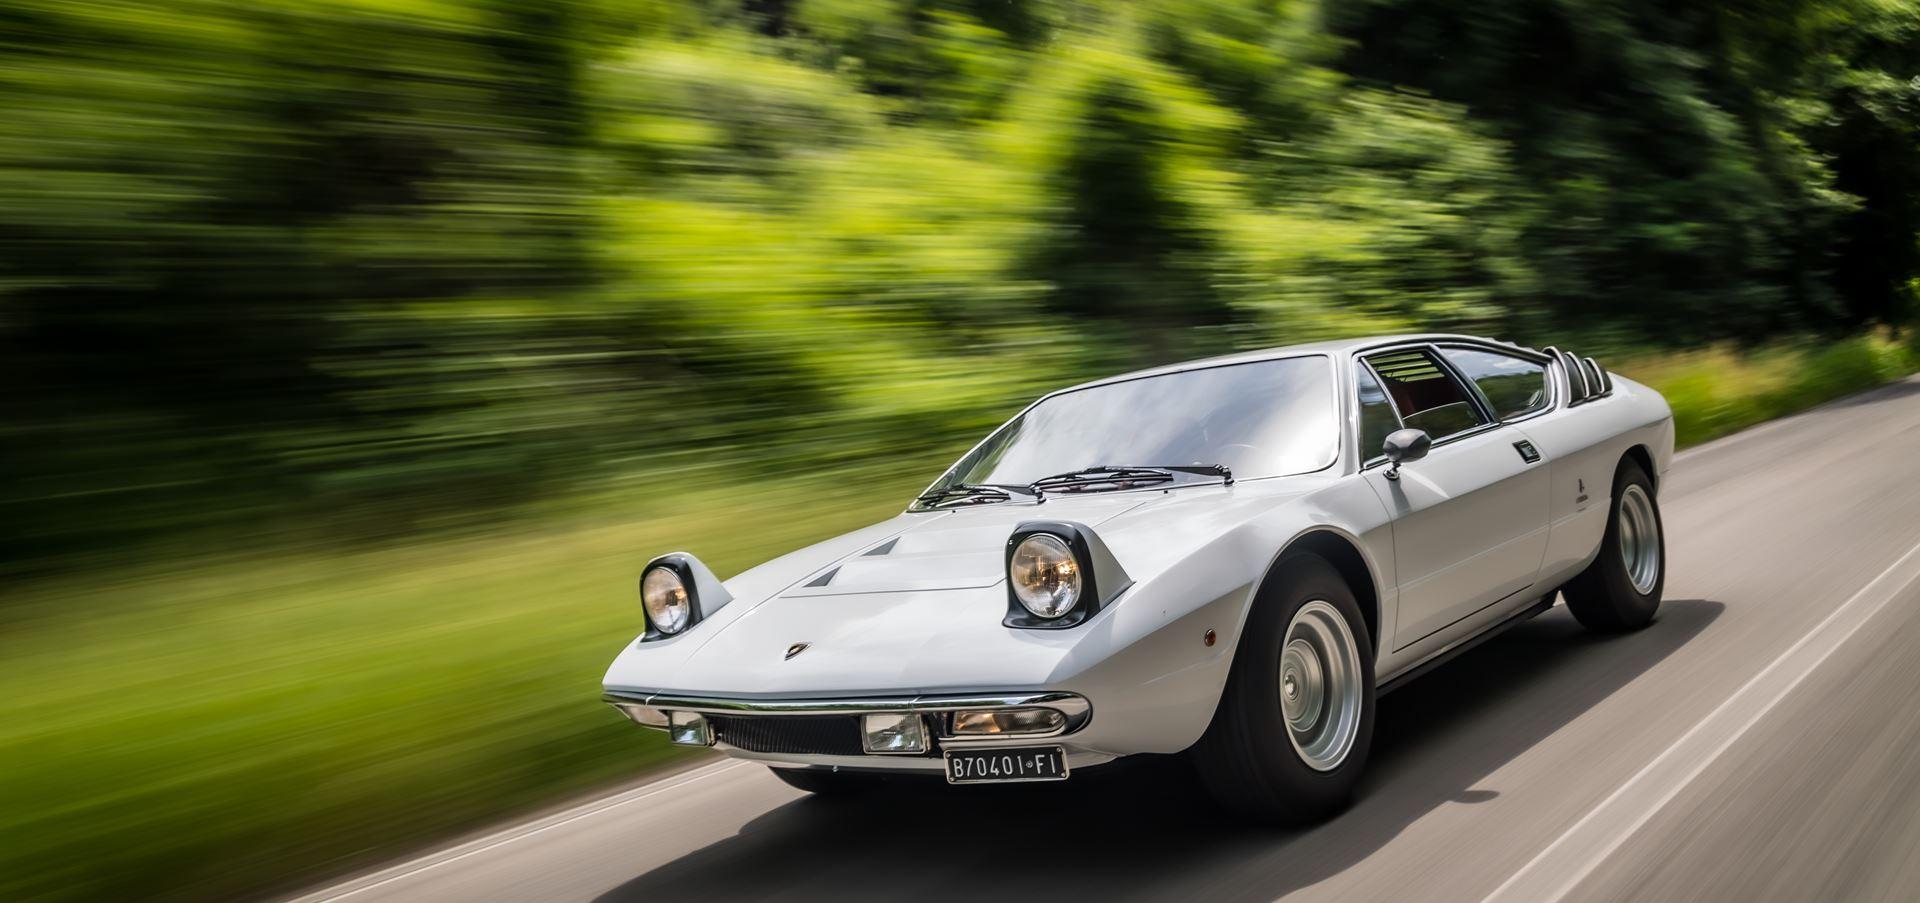 Lamborghini celebrates the 50th Anniversary of the Urraco